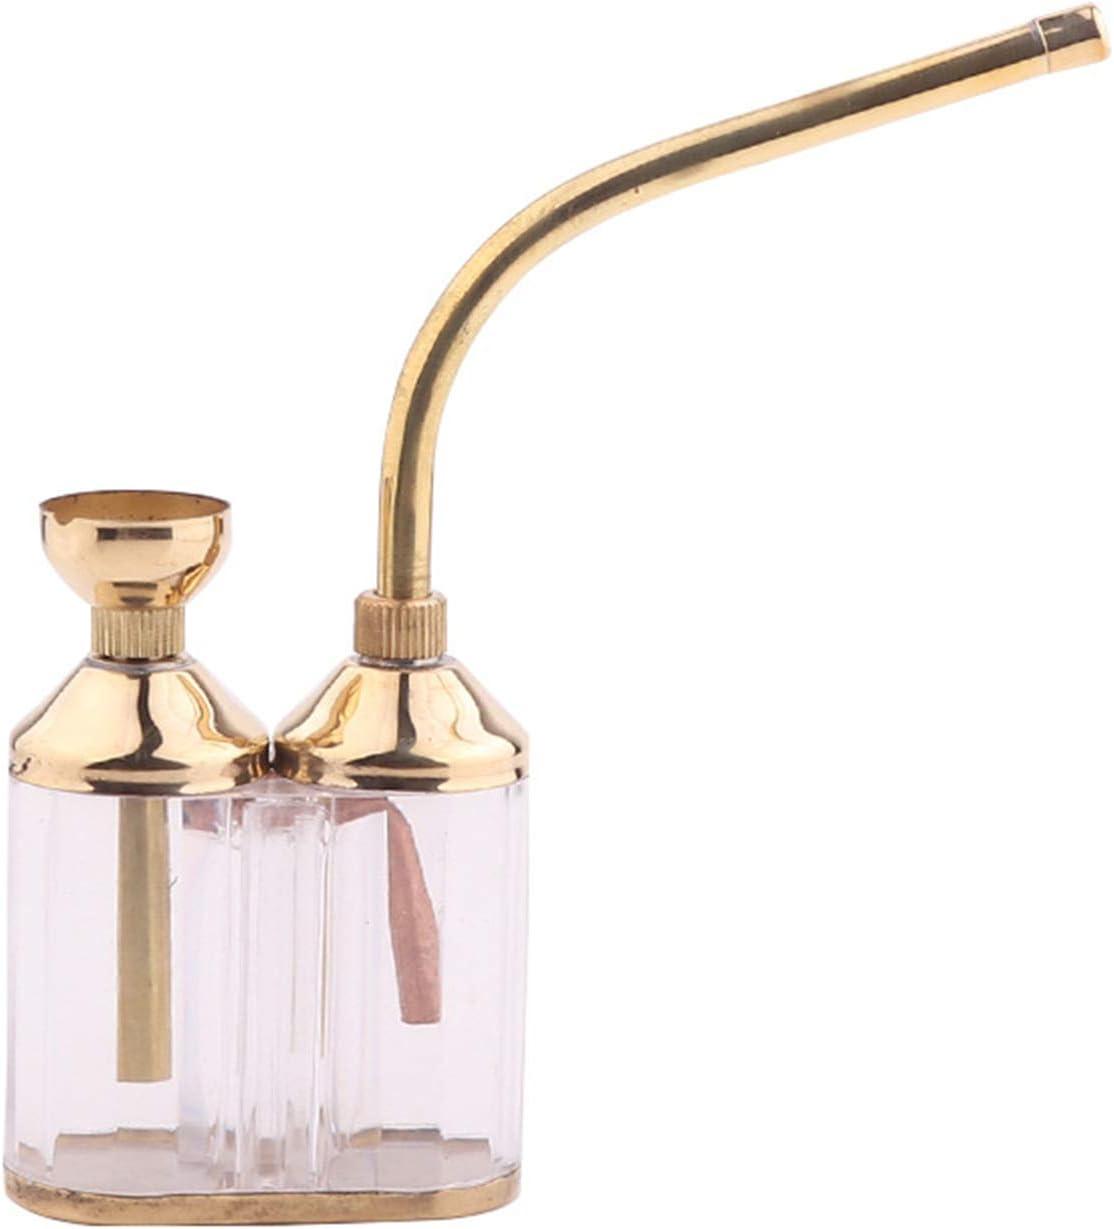 Hookah Arabian Hookah Versión familiar Flexible y compacta Hookah Glass Hookah, fácil de transportar al viajar, Casilla completa con cabeza de manguera